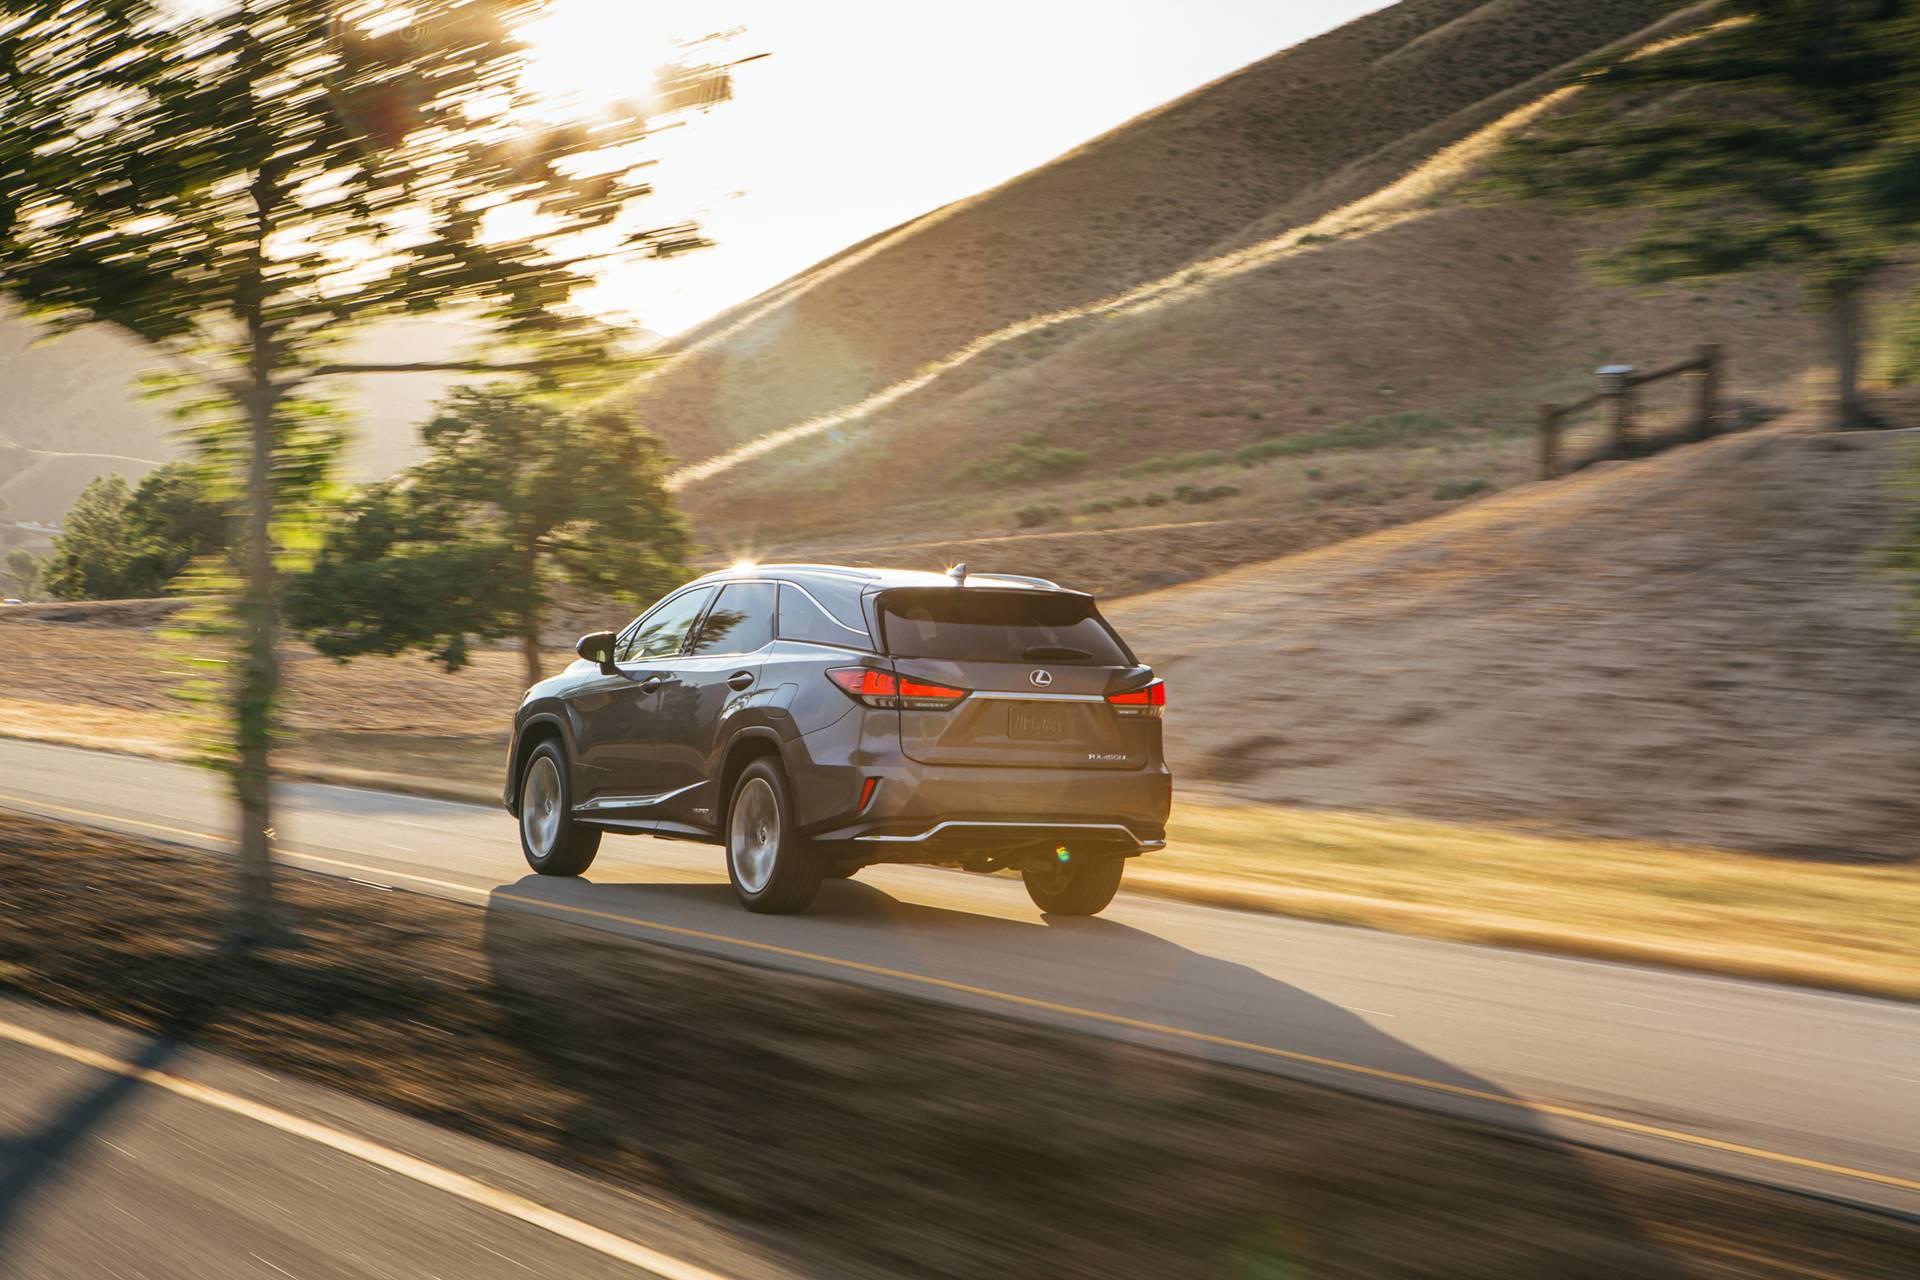 2020 Lexus RX 450hL